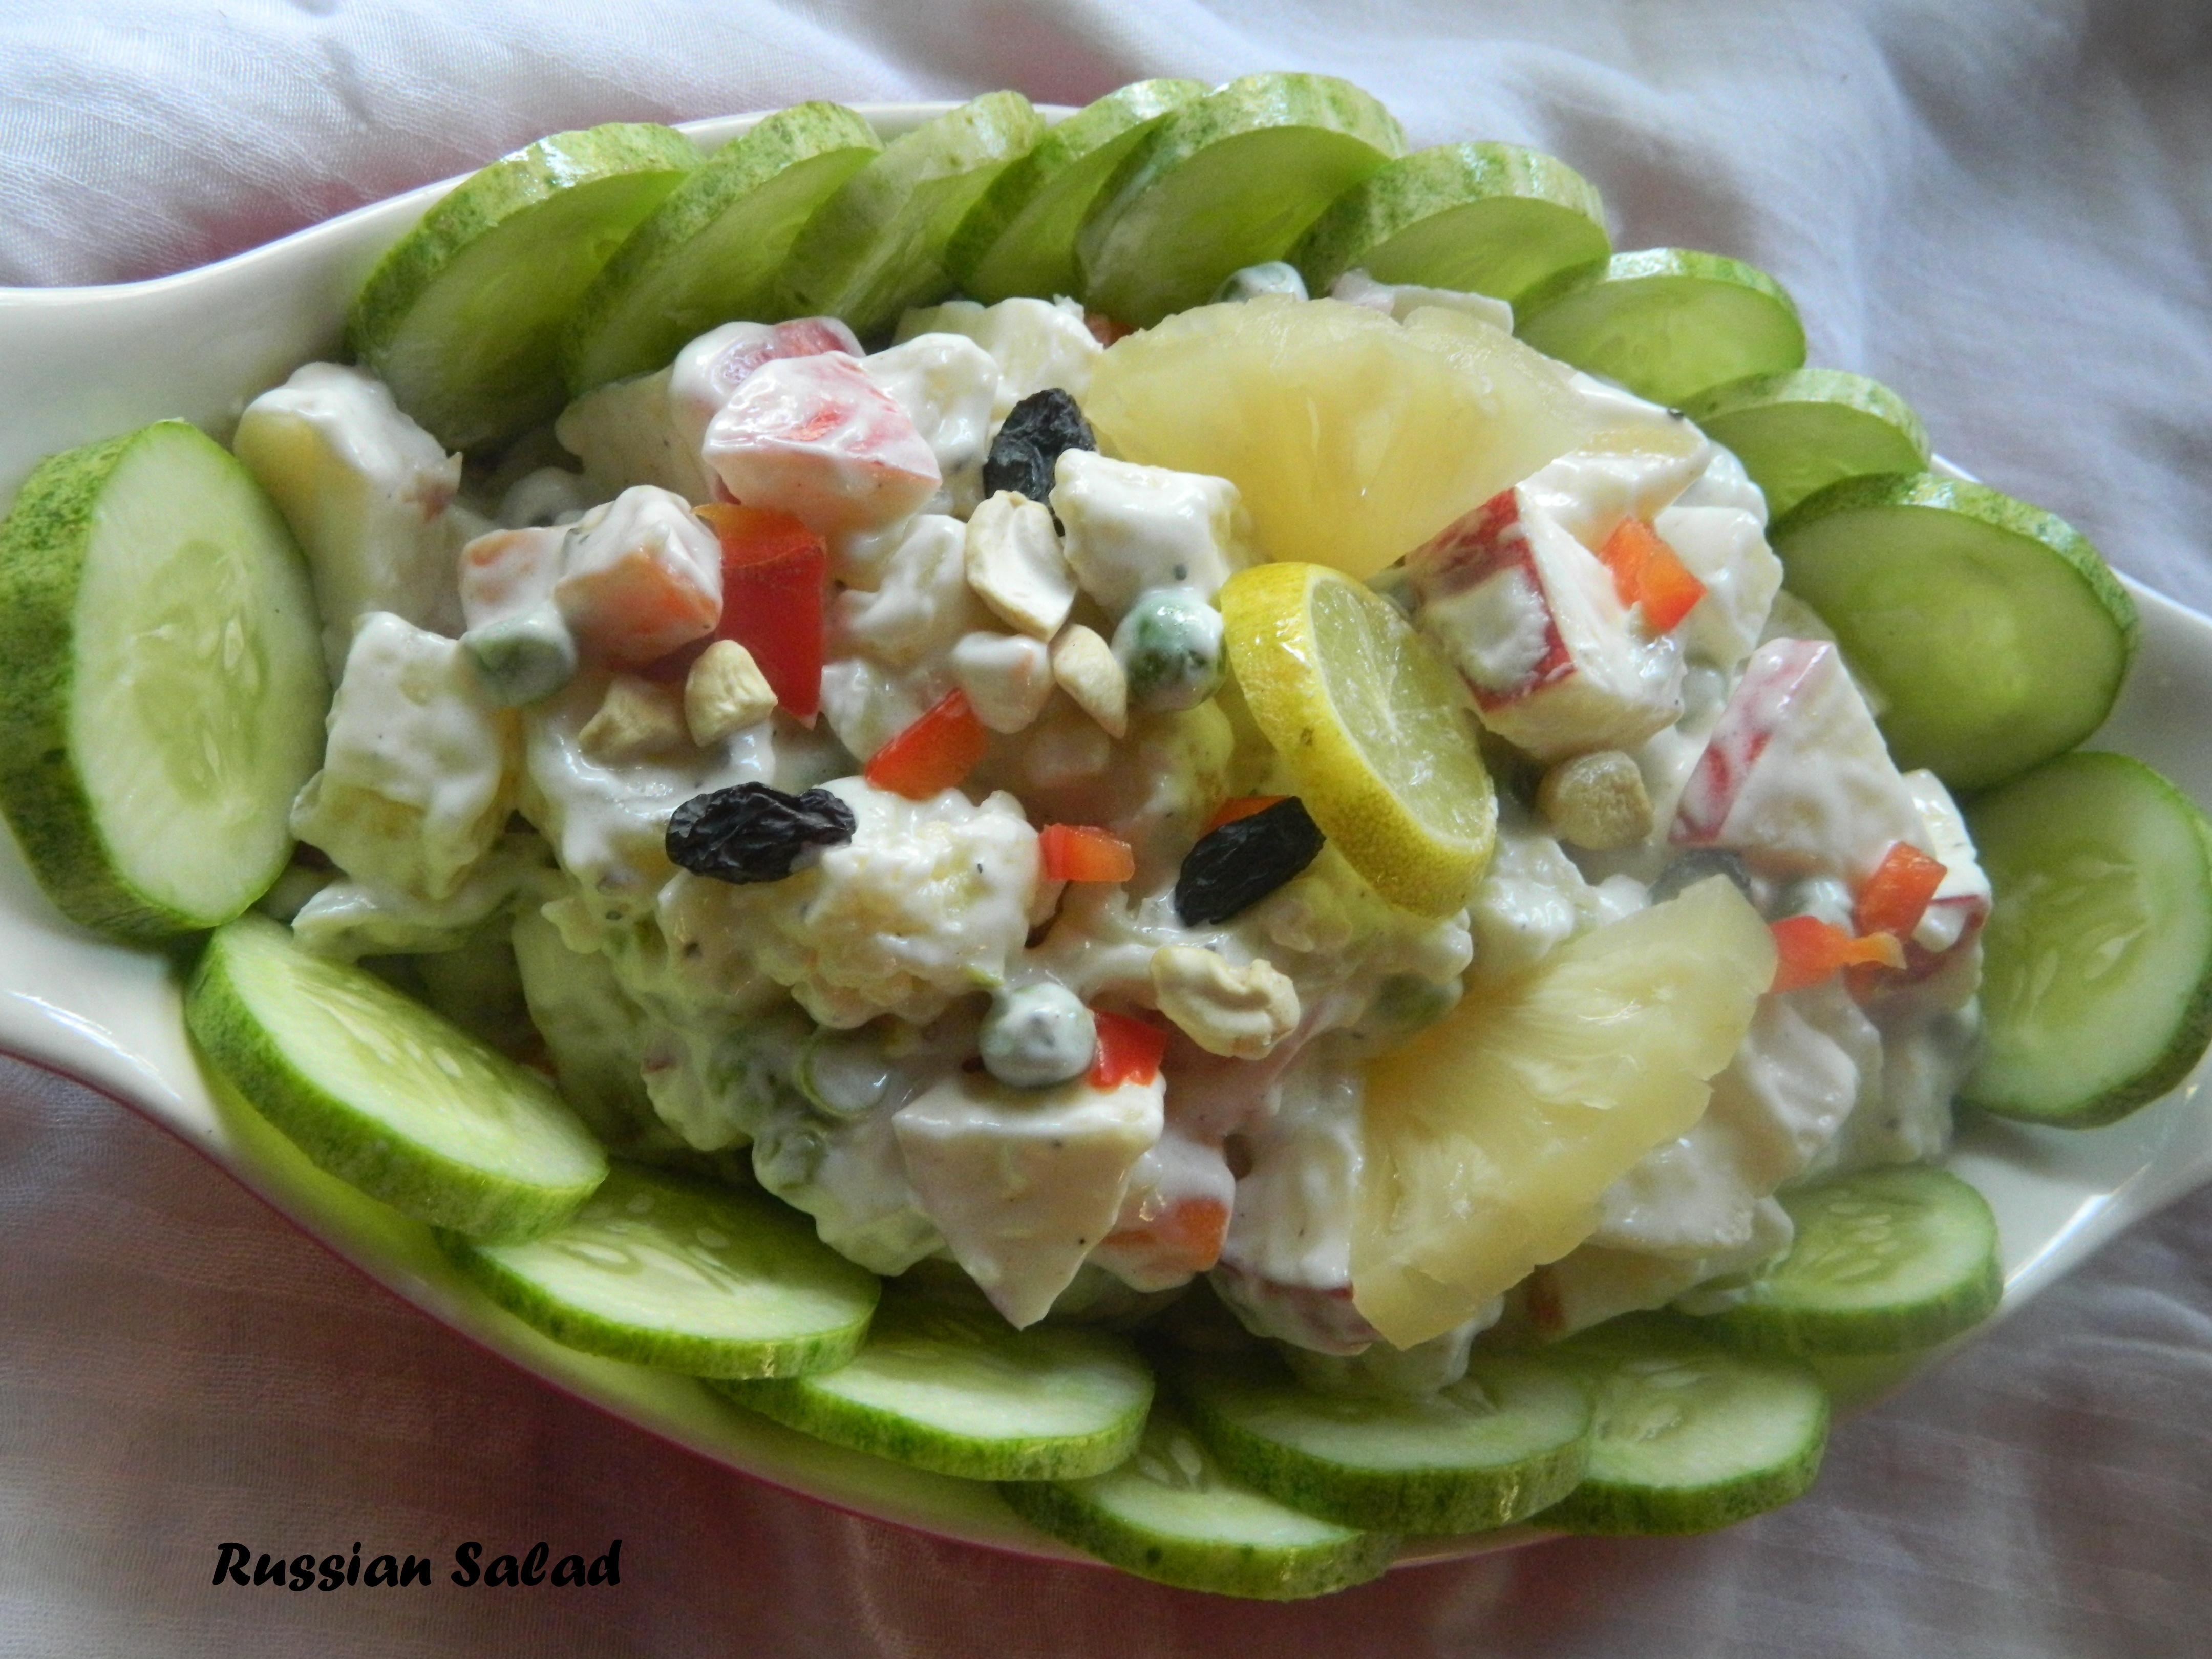 Russian Salad | Geeths Dawath